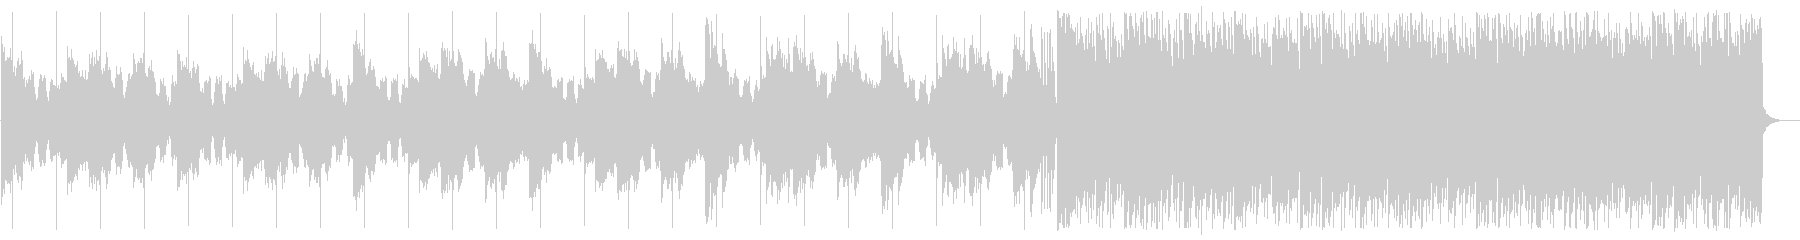 レトロ/エレクトロ_No591_2の未再生の波形